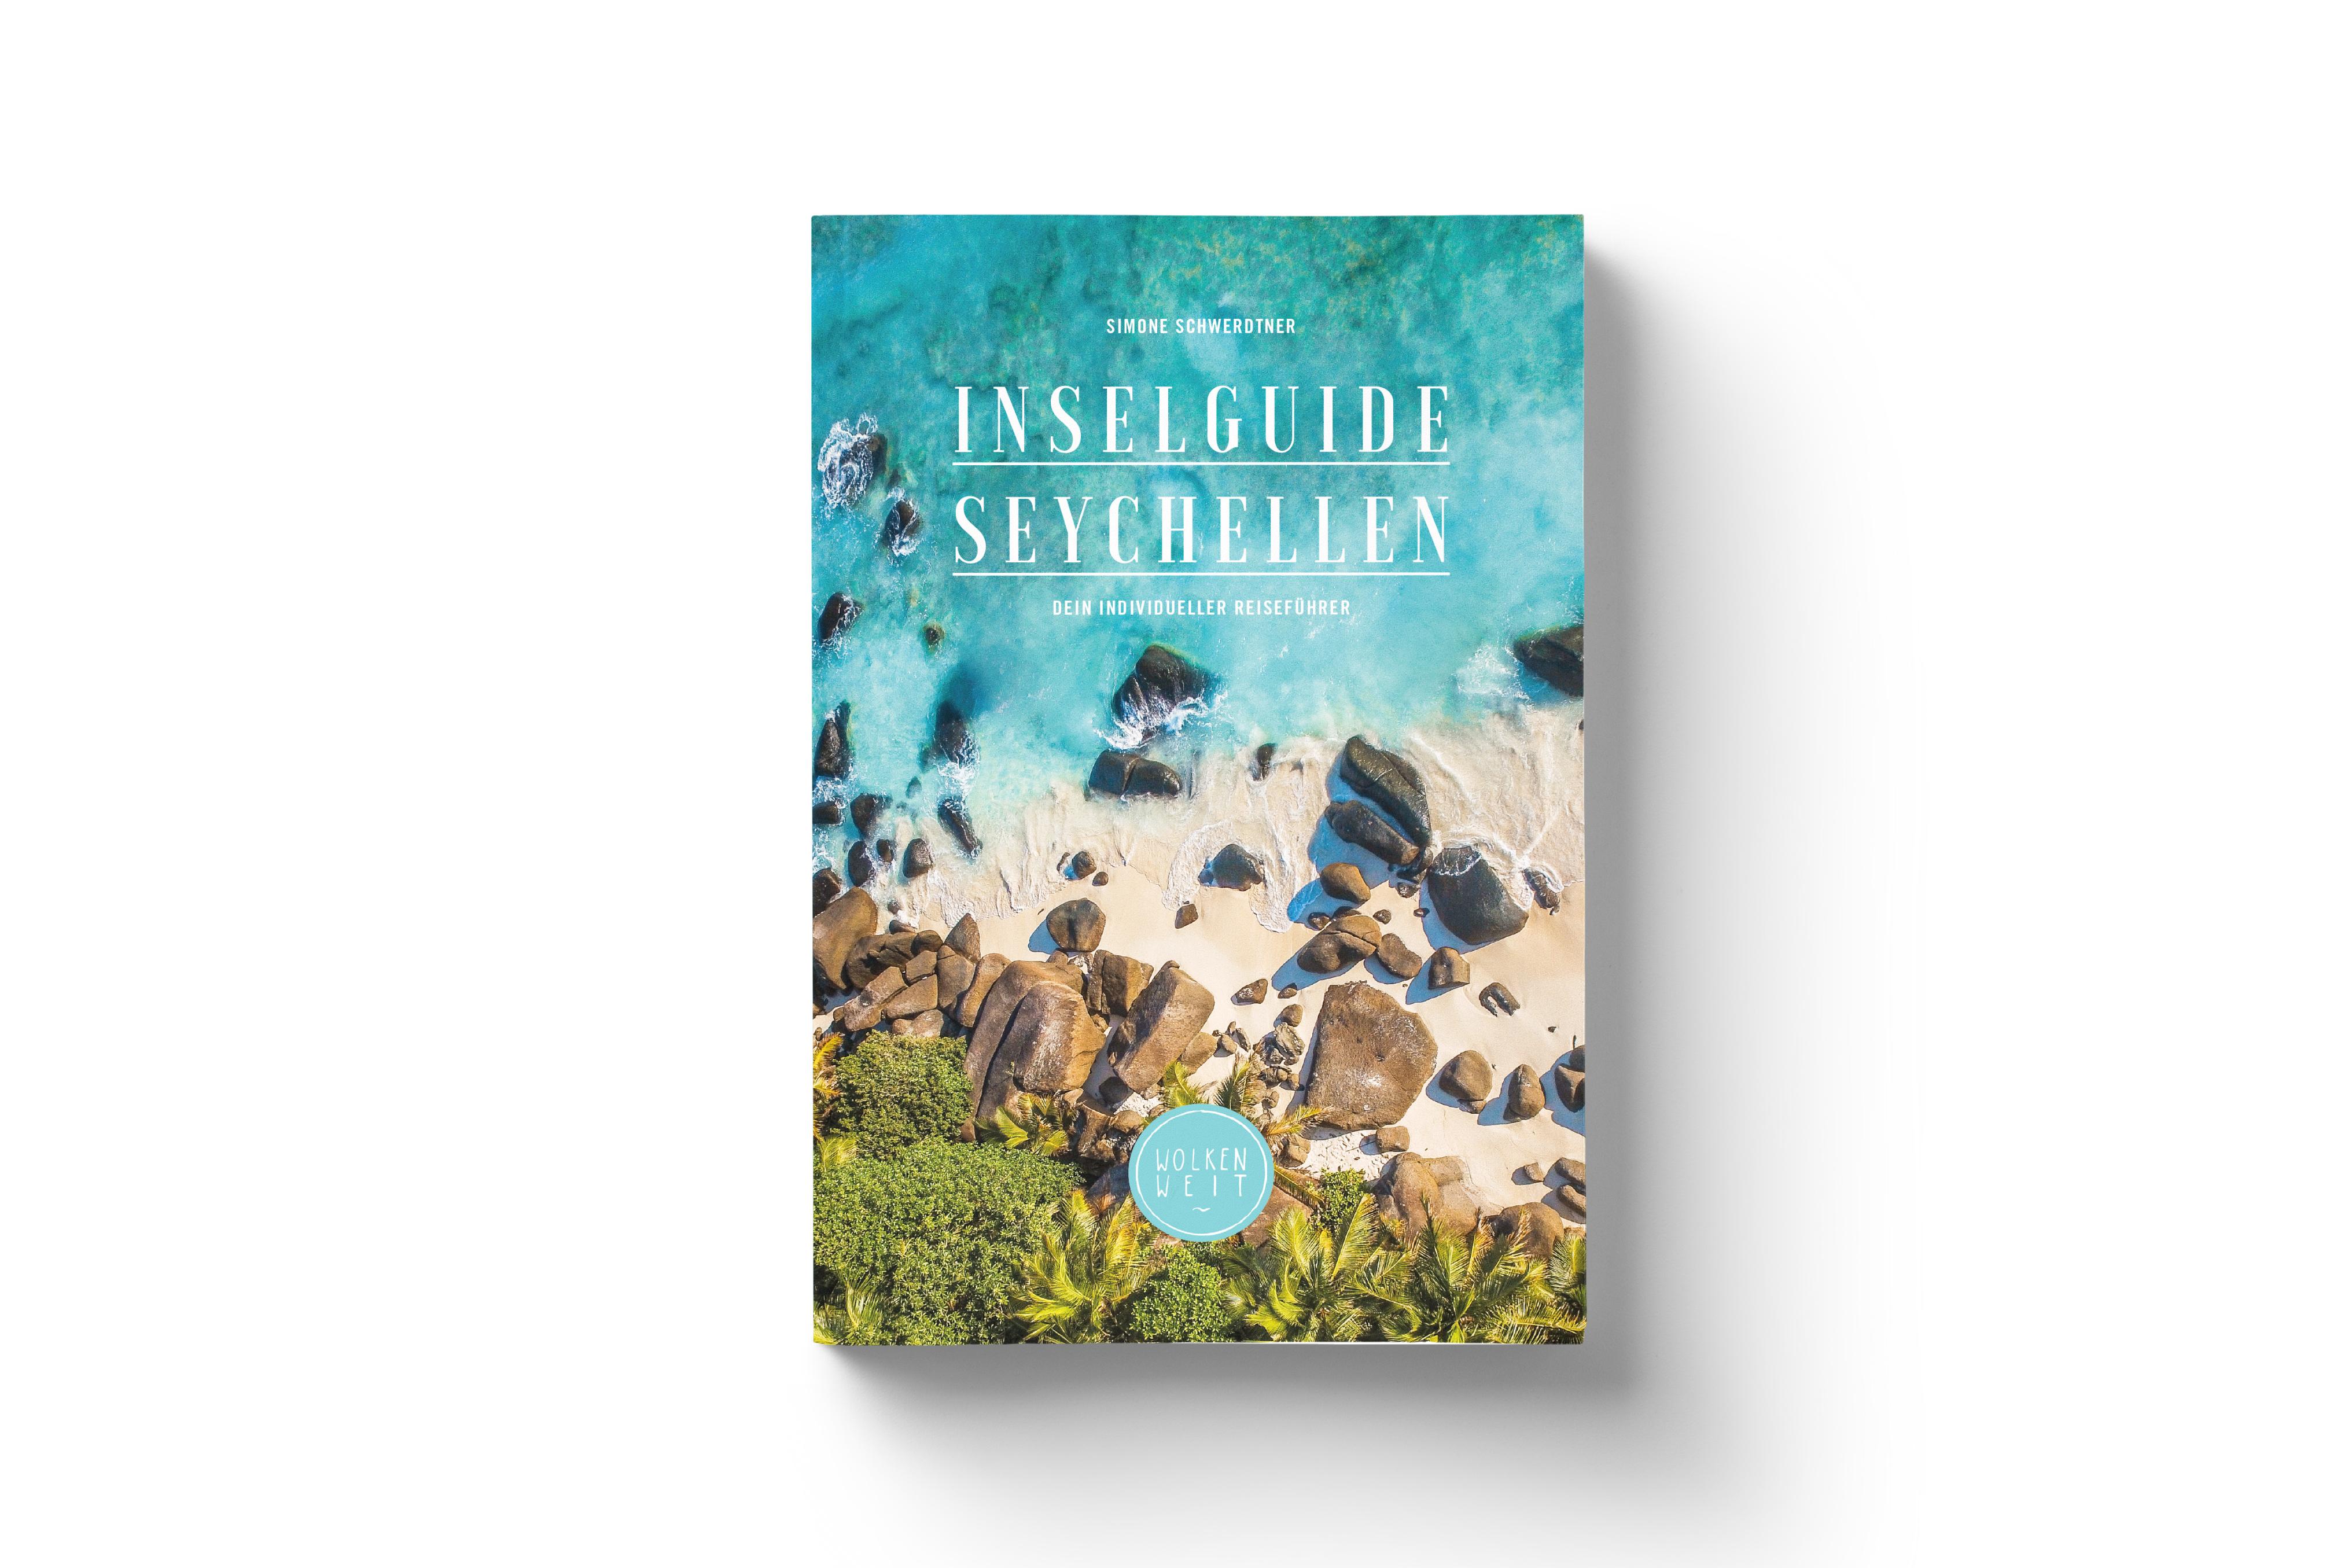 Seychellenguide_Mockup_00